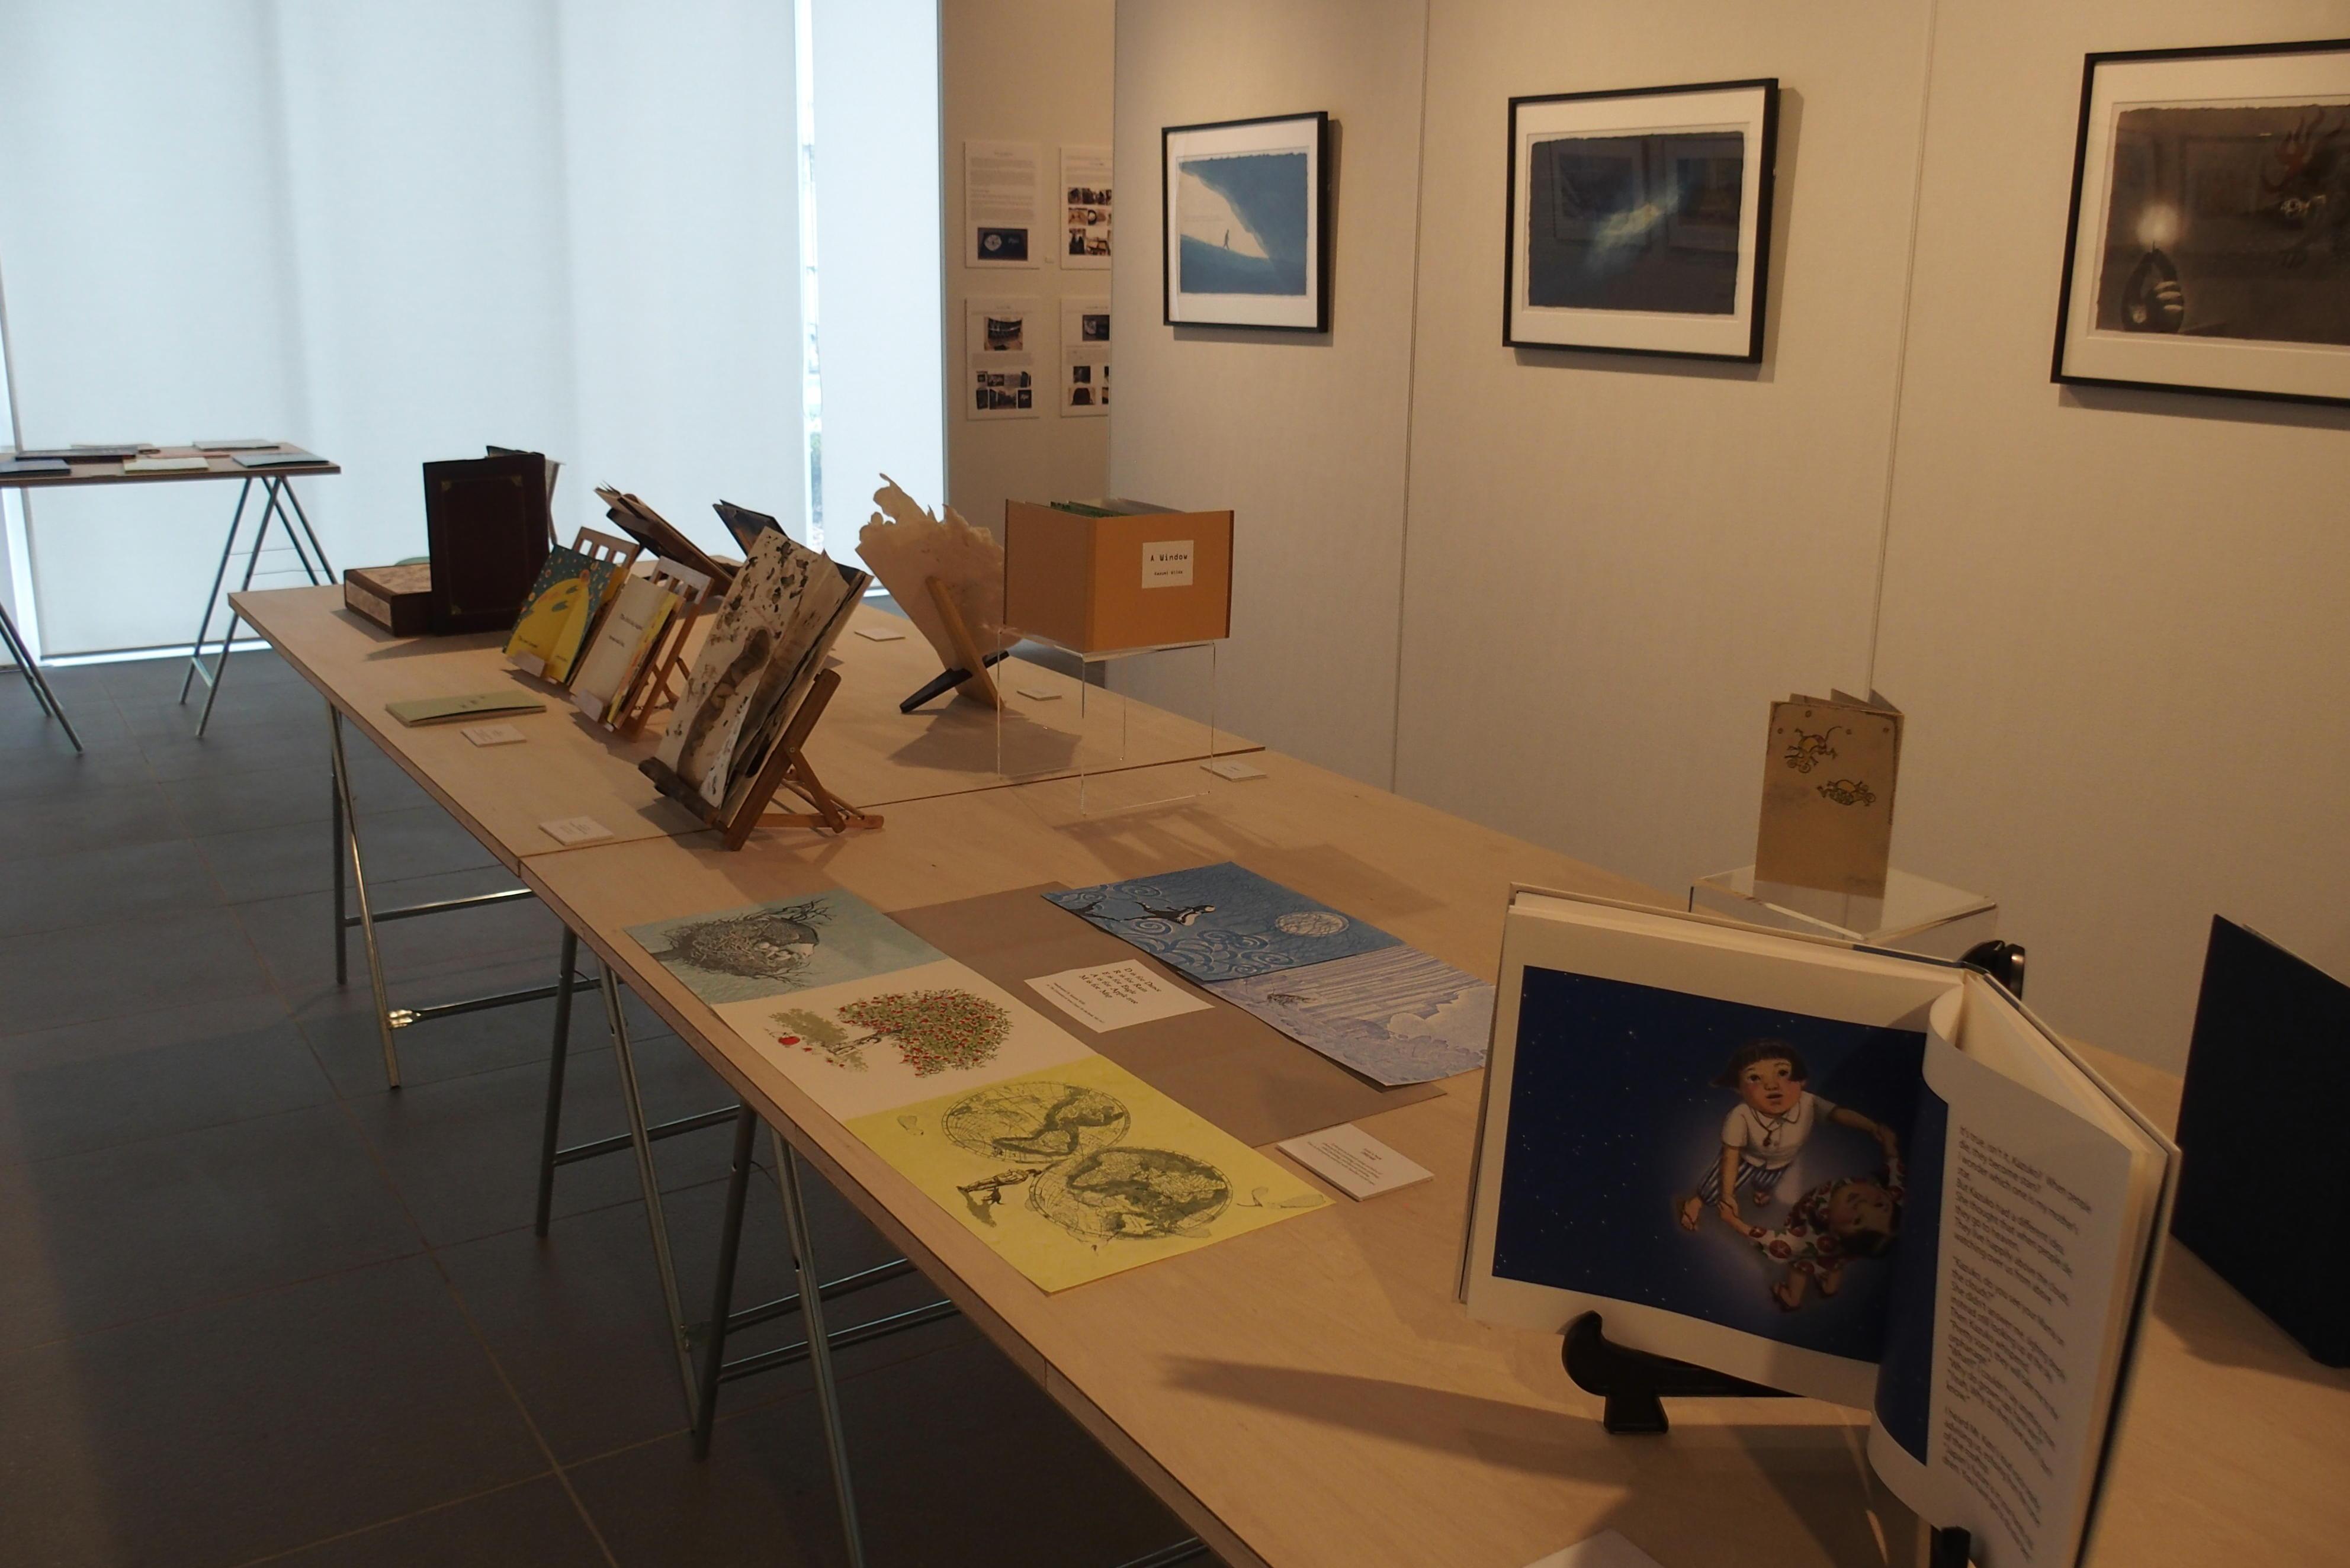 アート学科教員が監修 新キャンパスの「TUJアートギャラリー」